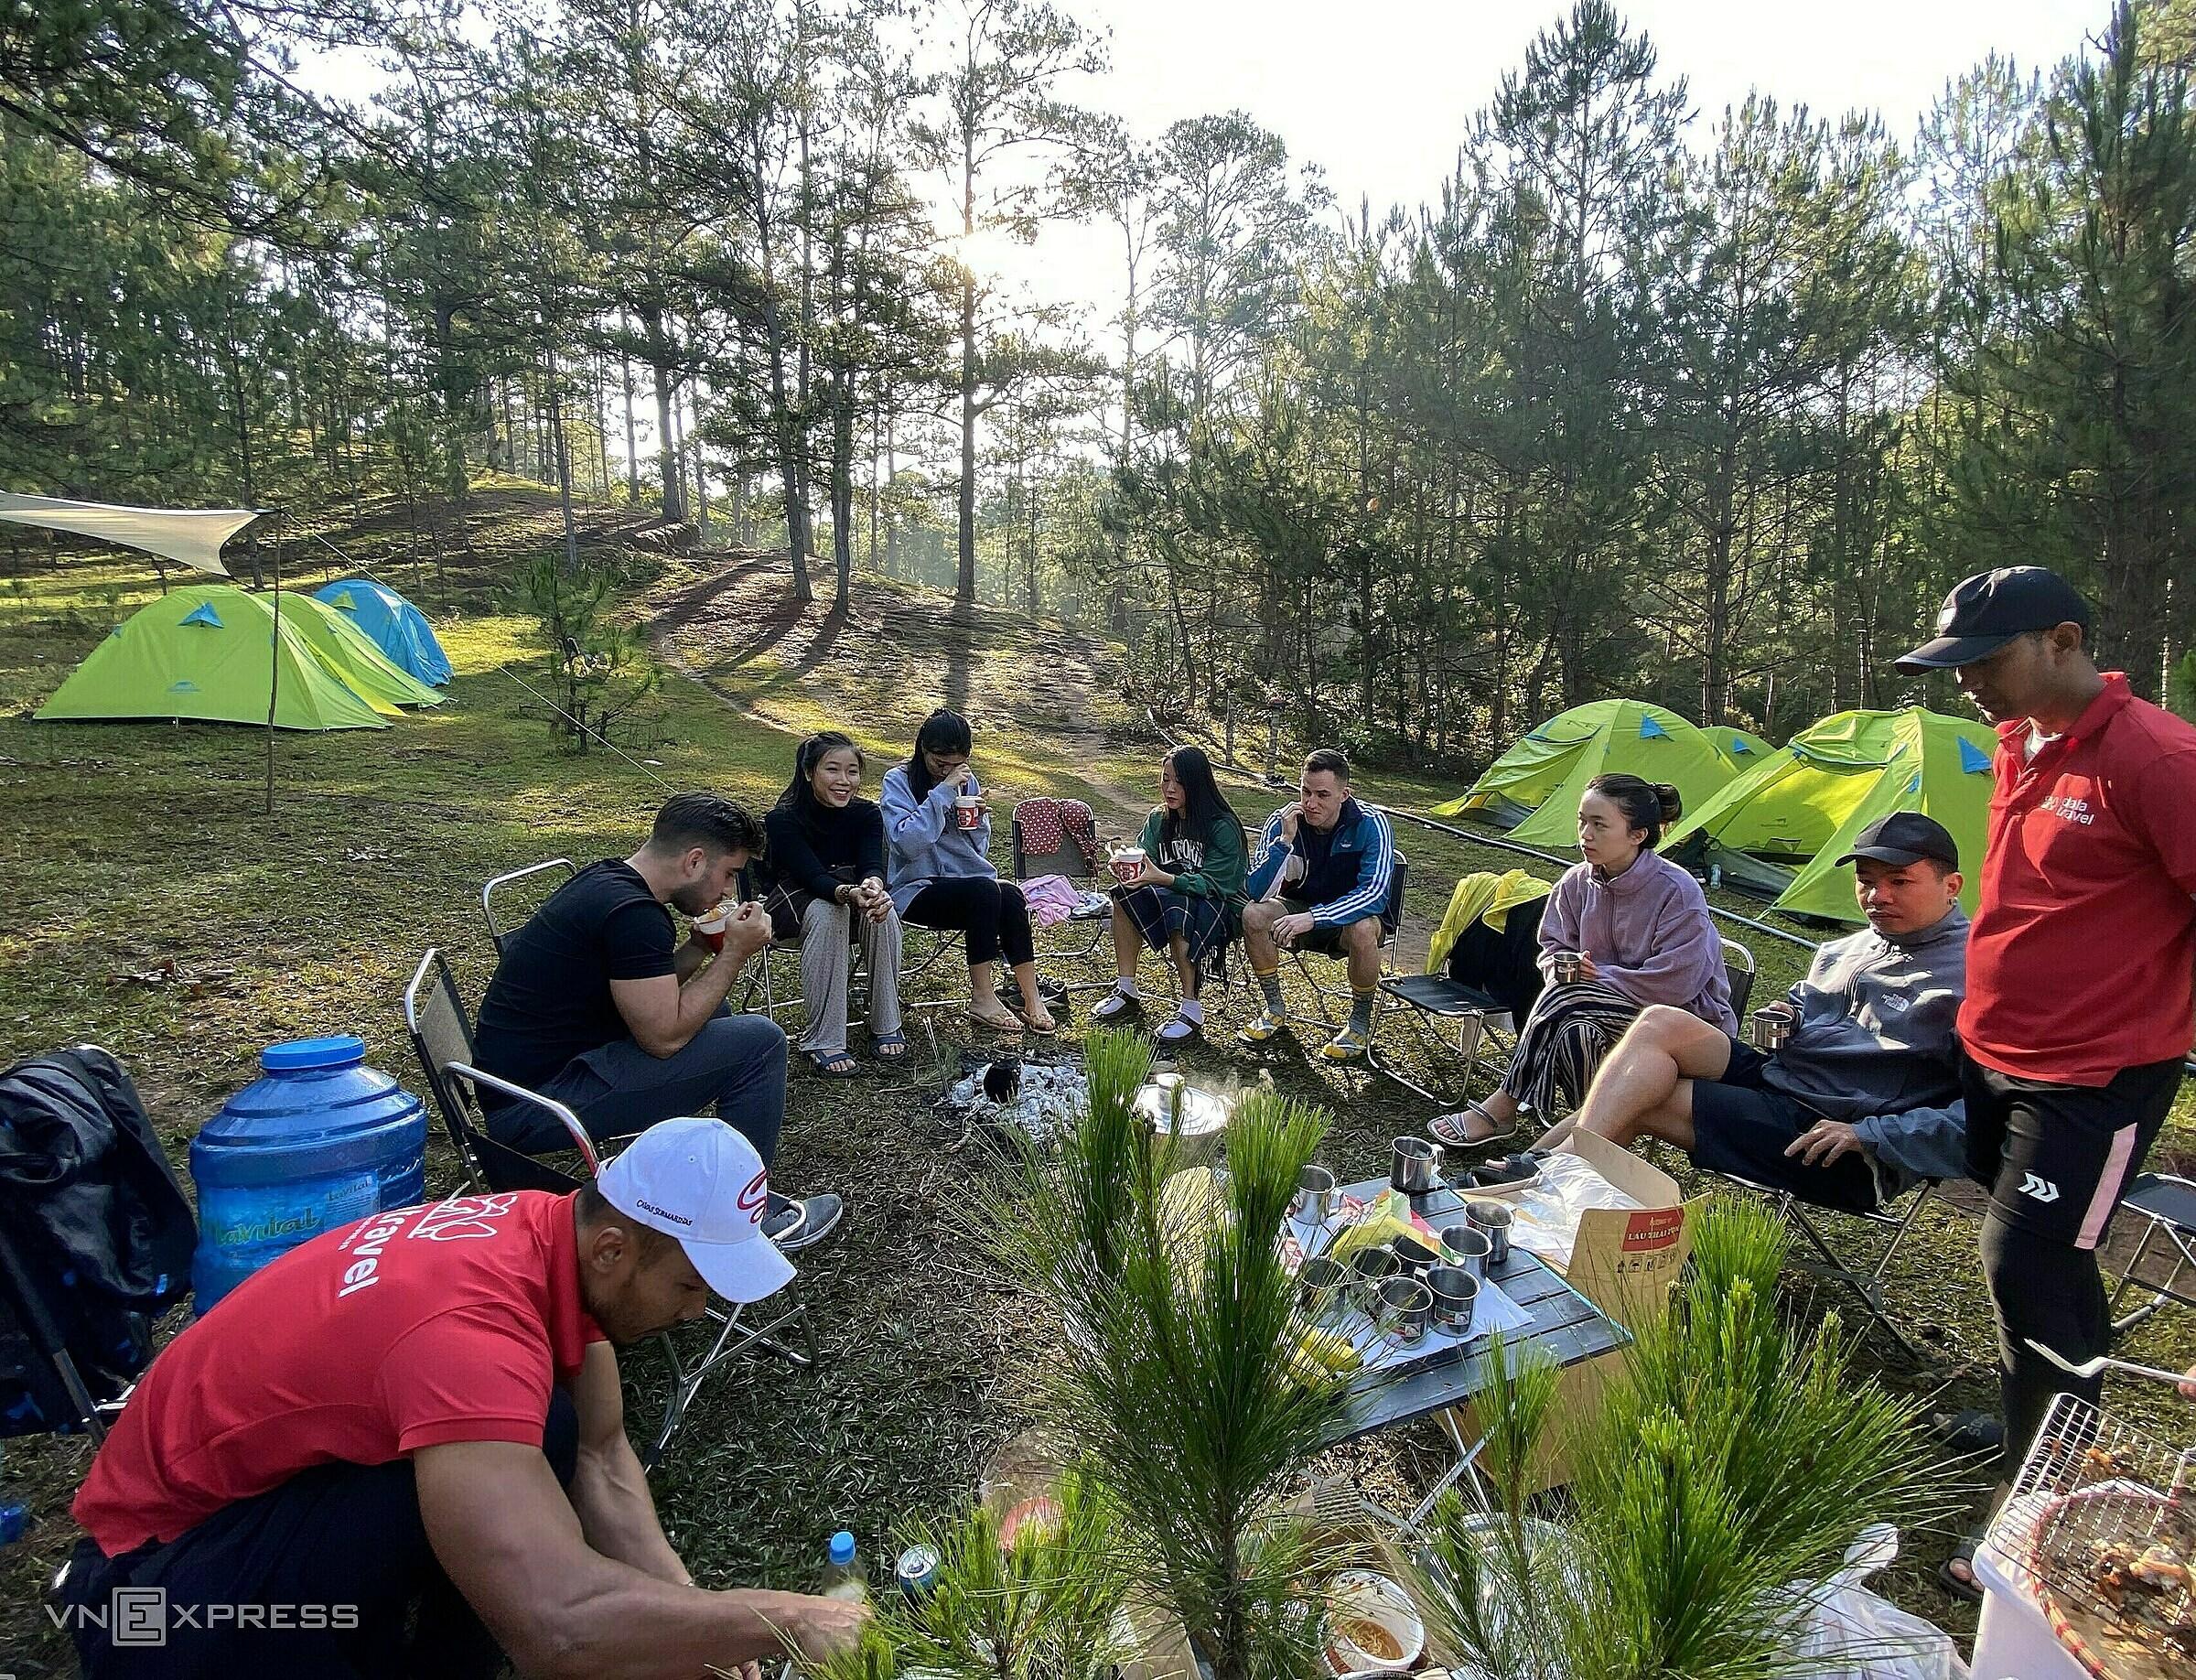 Bidoup Núi Bà là một trong những vị trí cắm trại được yêu thích. Ảnh: Thanh Hằng